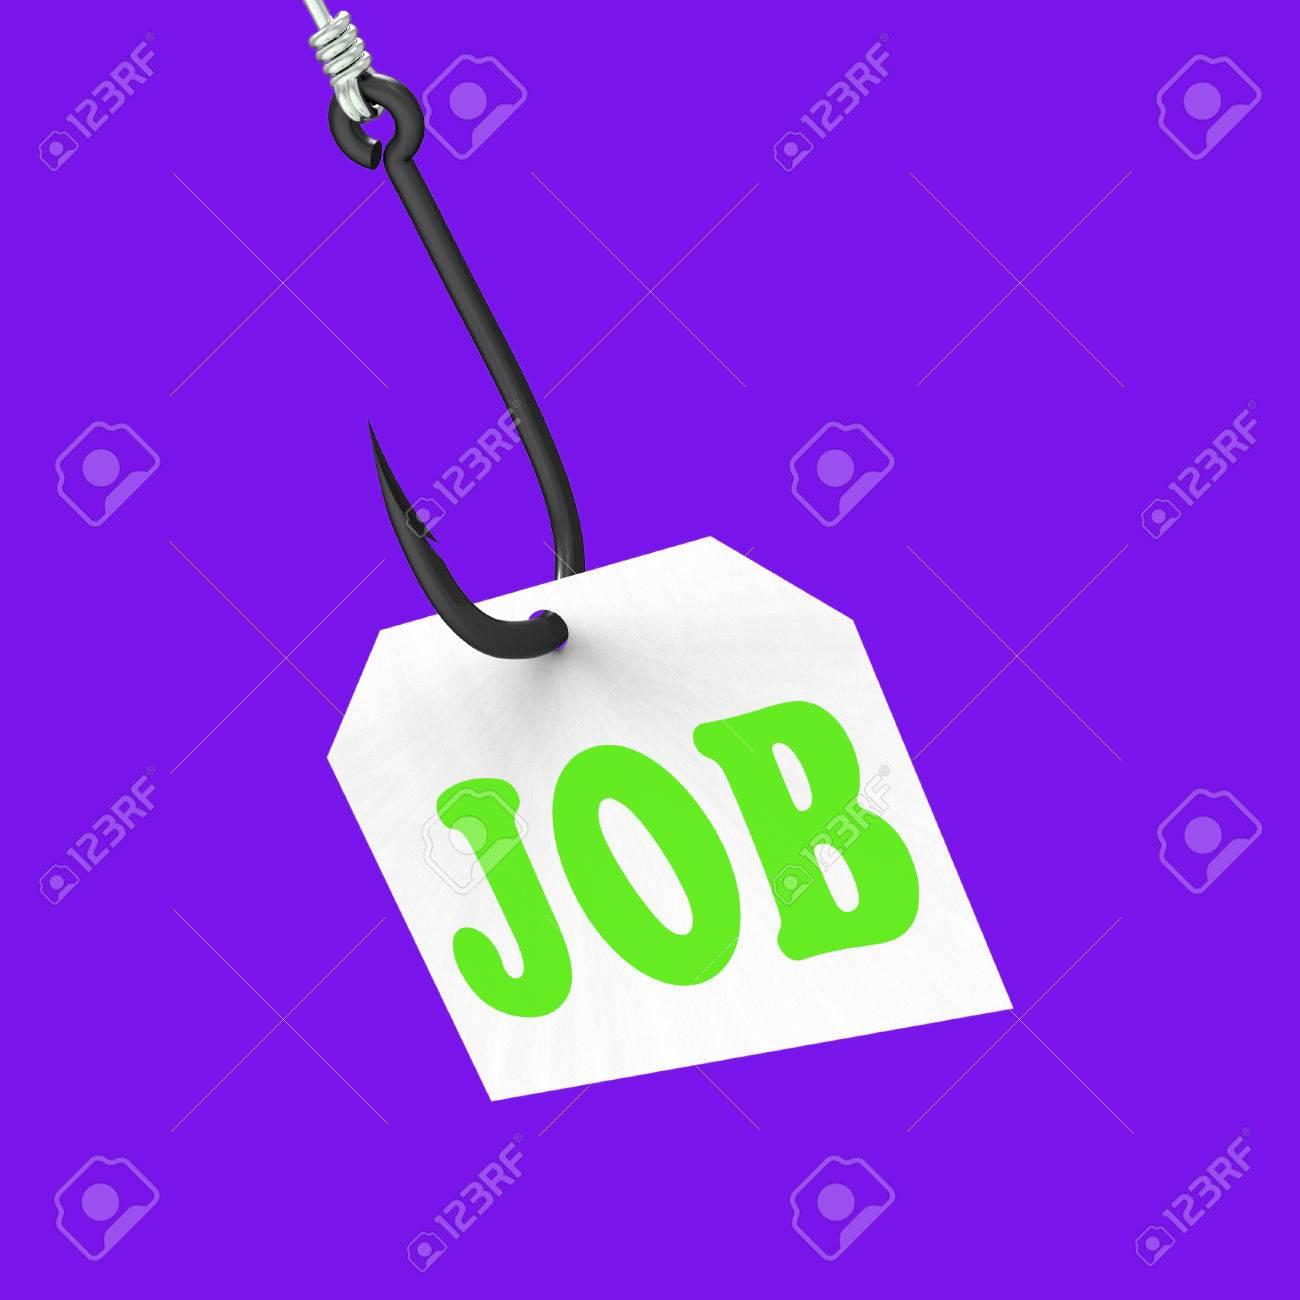 Job On Hook Significado Empleo Trabajo Profesional O De La Ocupación ...